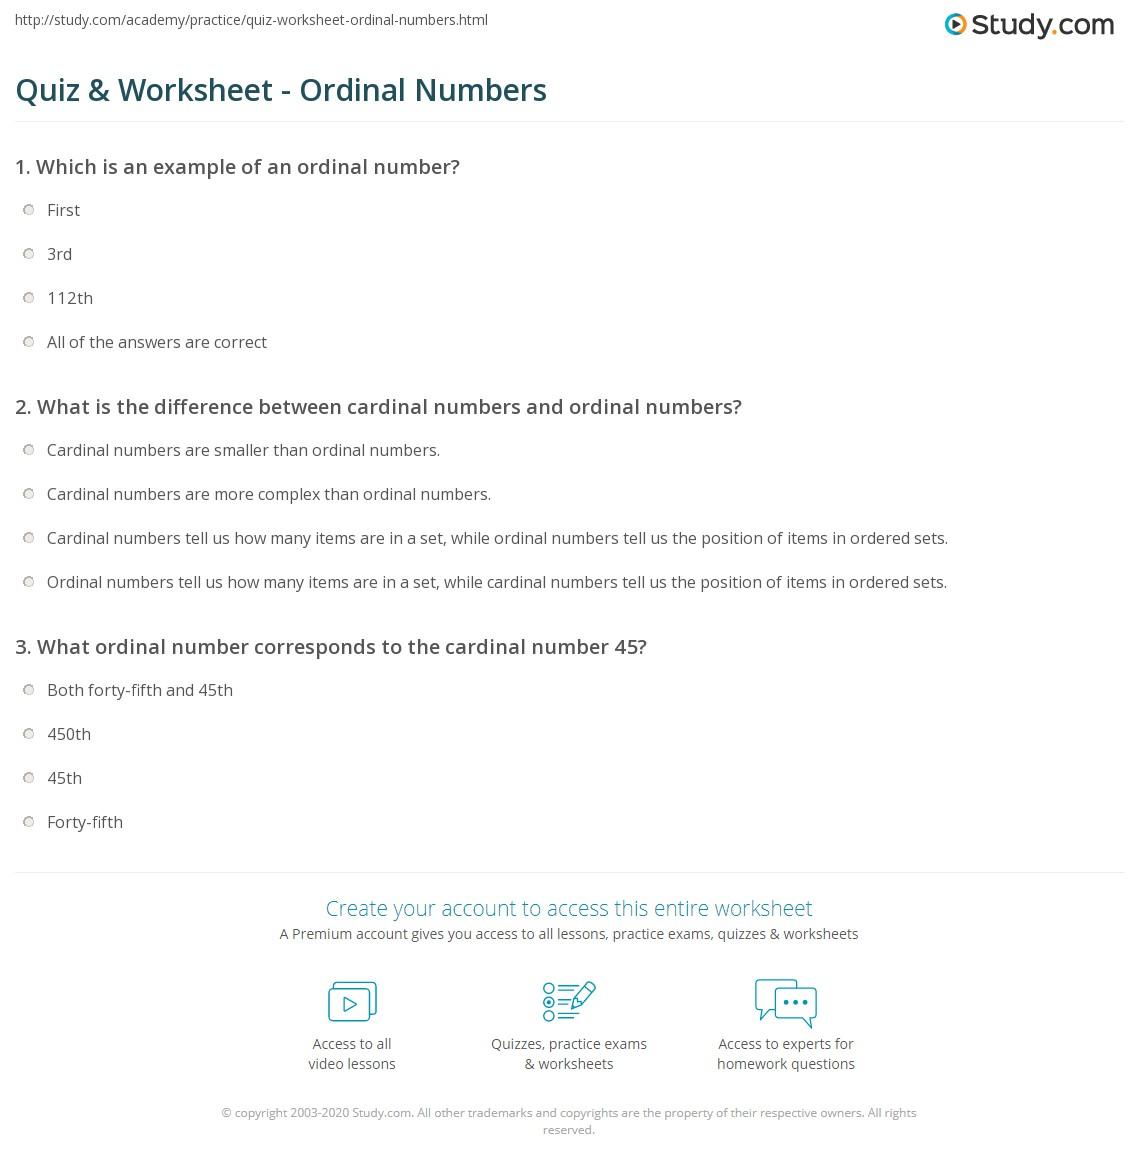 Workbooks ordinal numbers worksheets : Quiz & Worksheet - Ordinal Numbers | Study.com